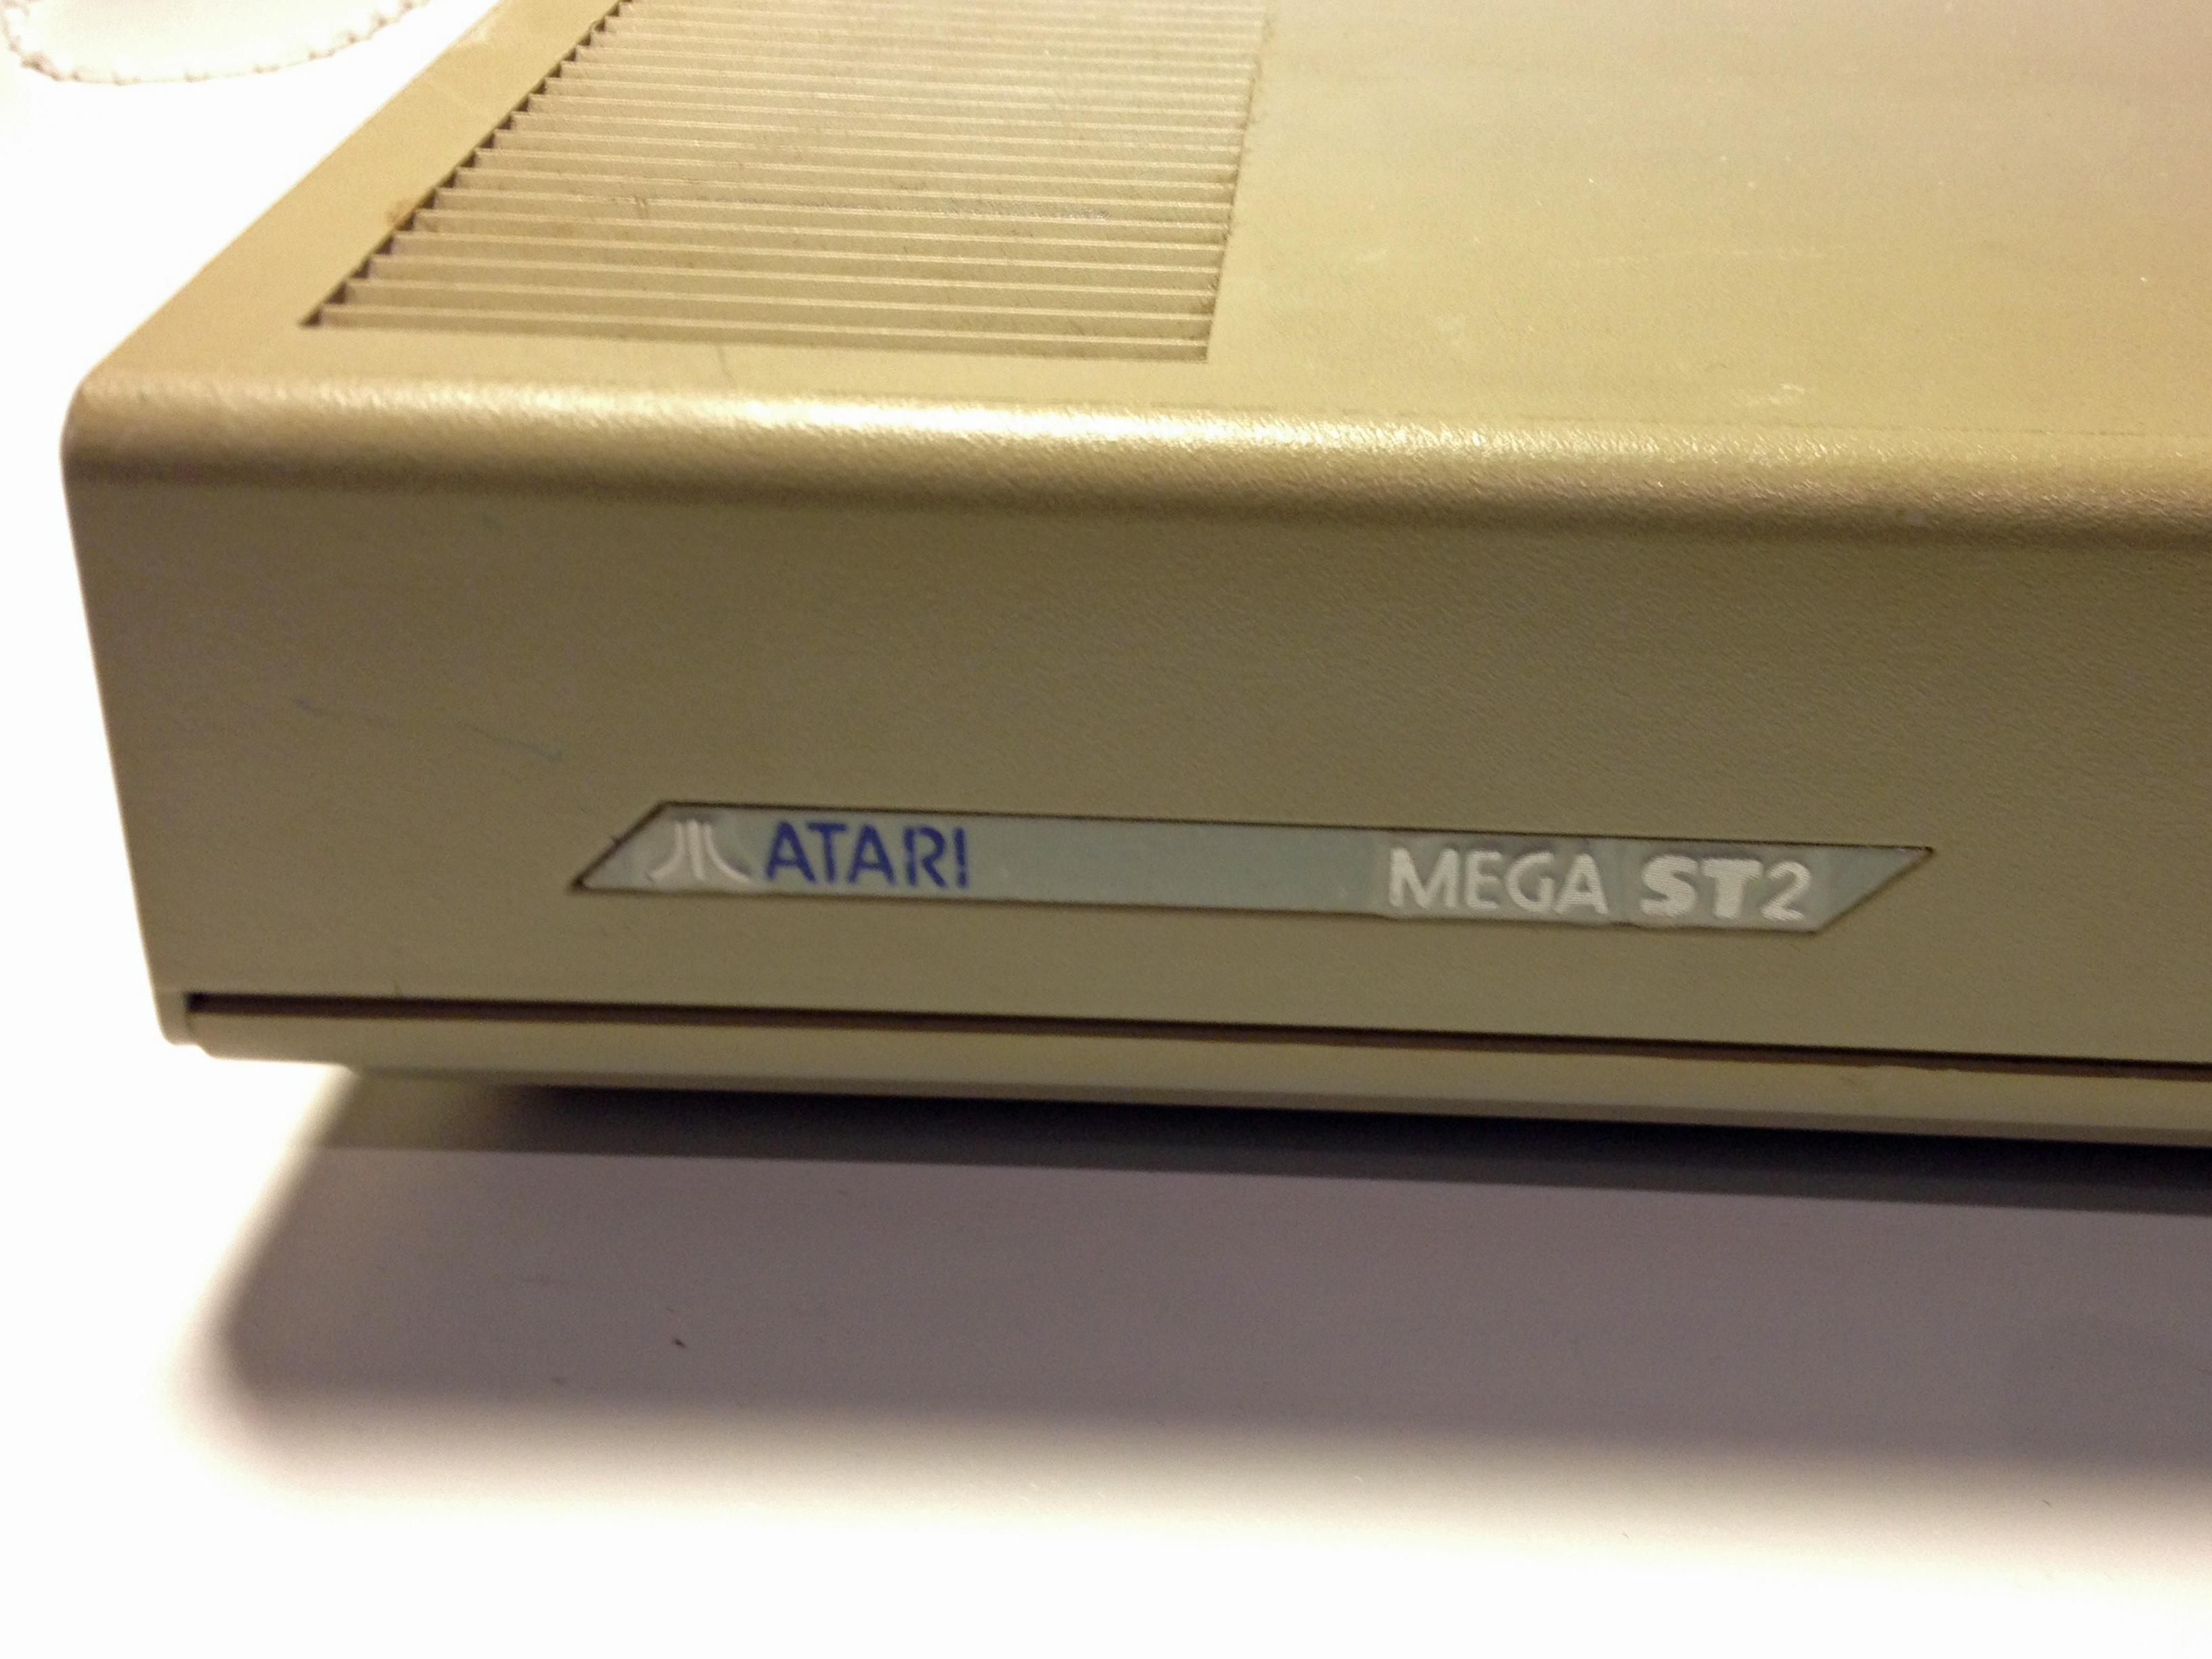 Atari Mega ST2 Label